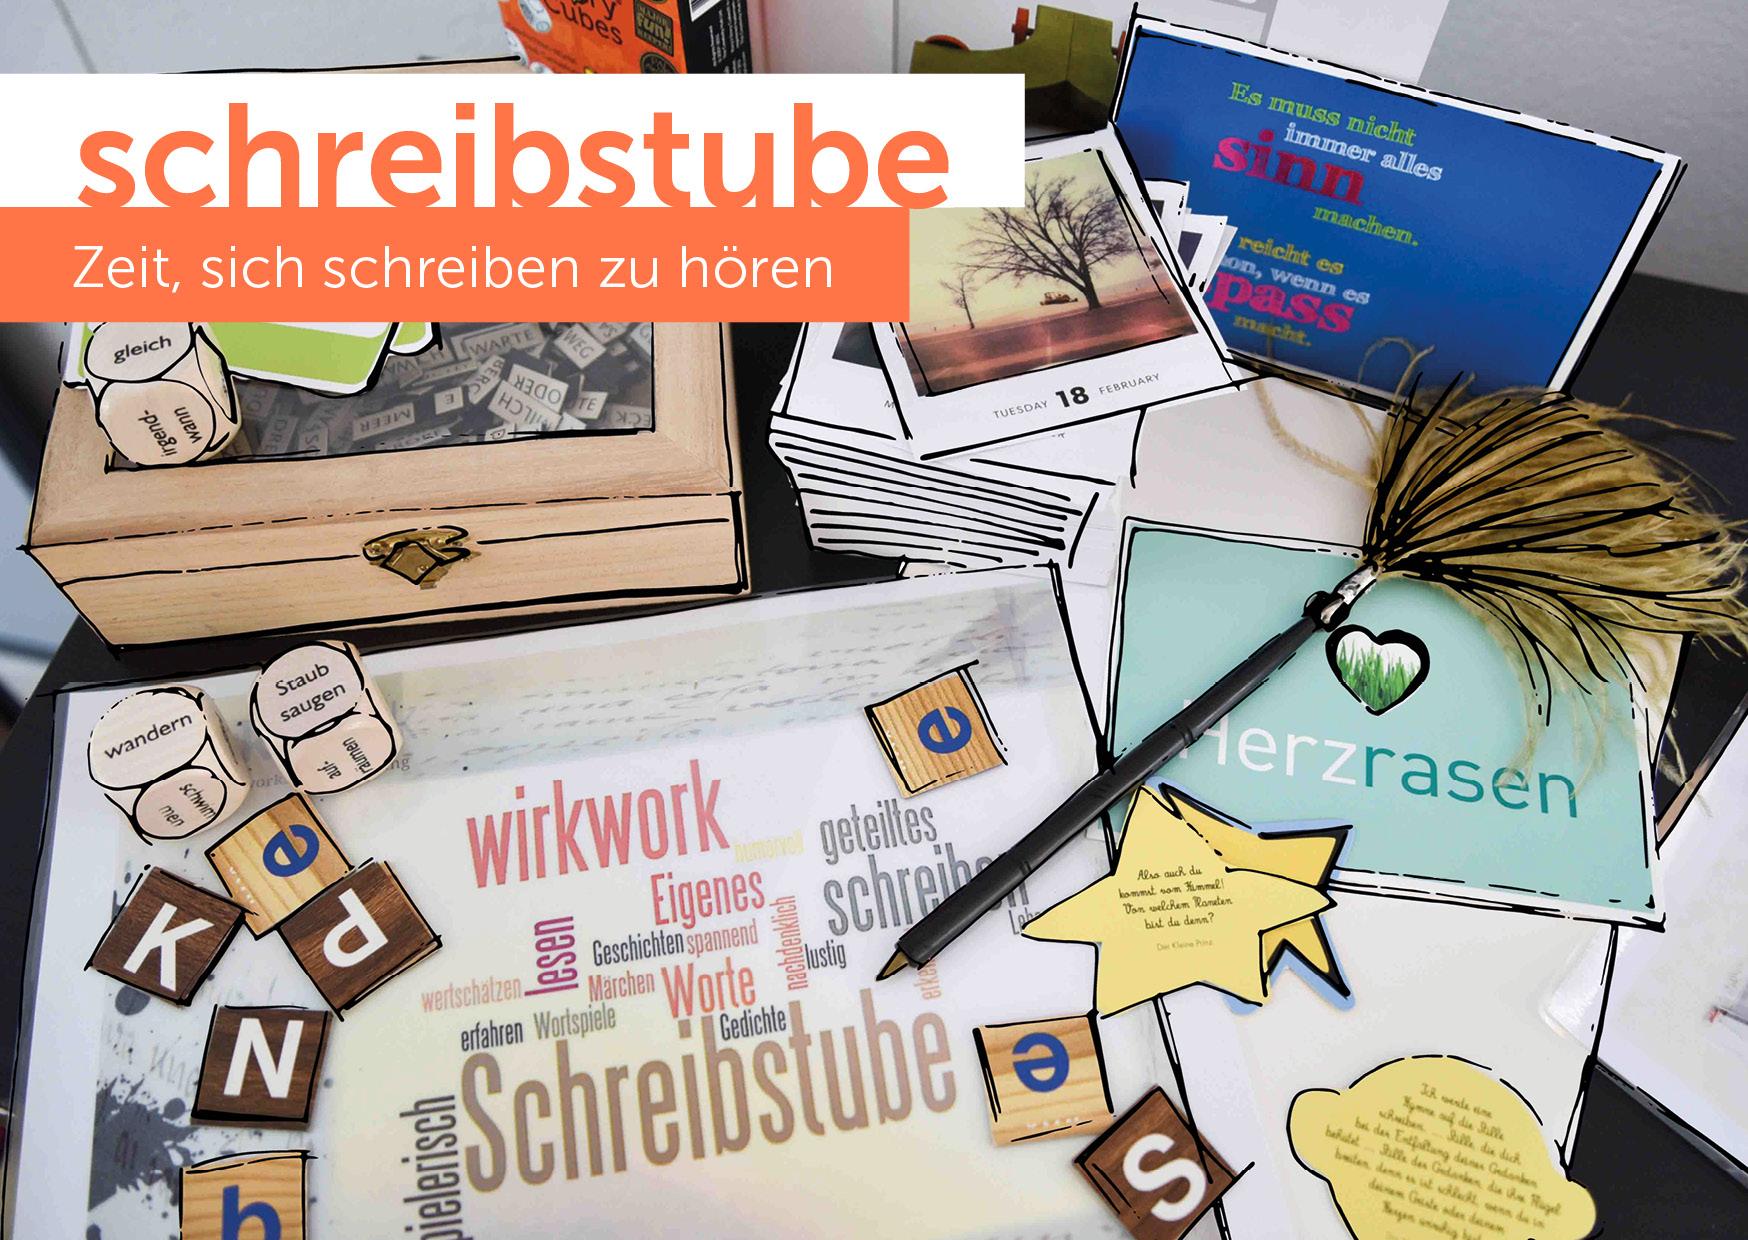 A108613_wirkwork_Branding_Flyer_A6quer_schreibstube_web